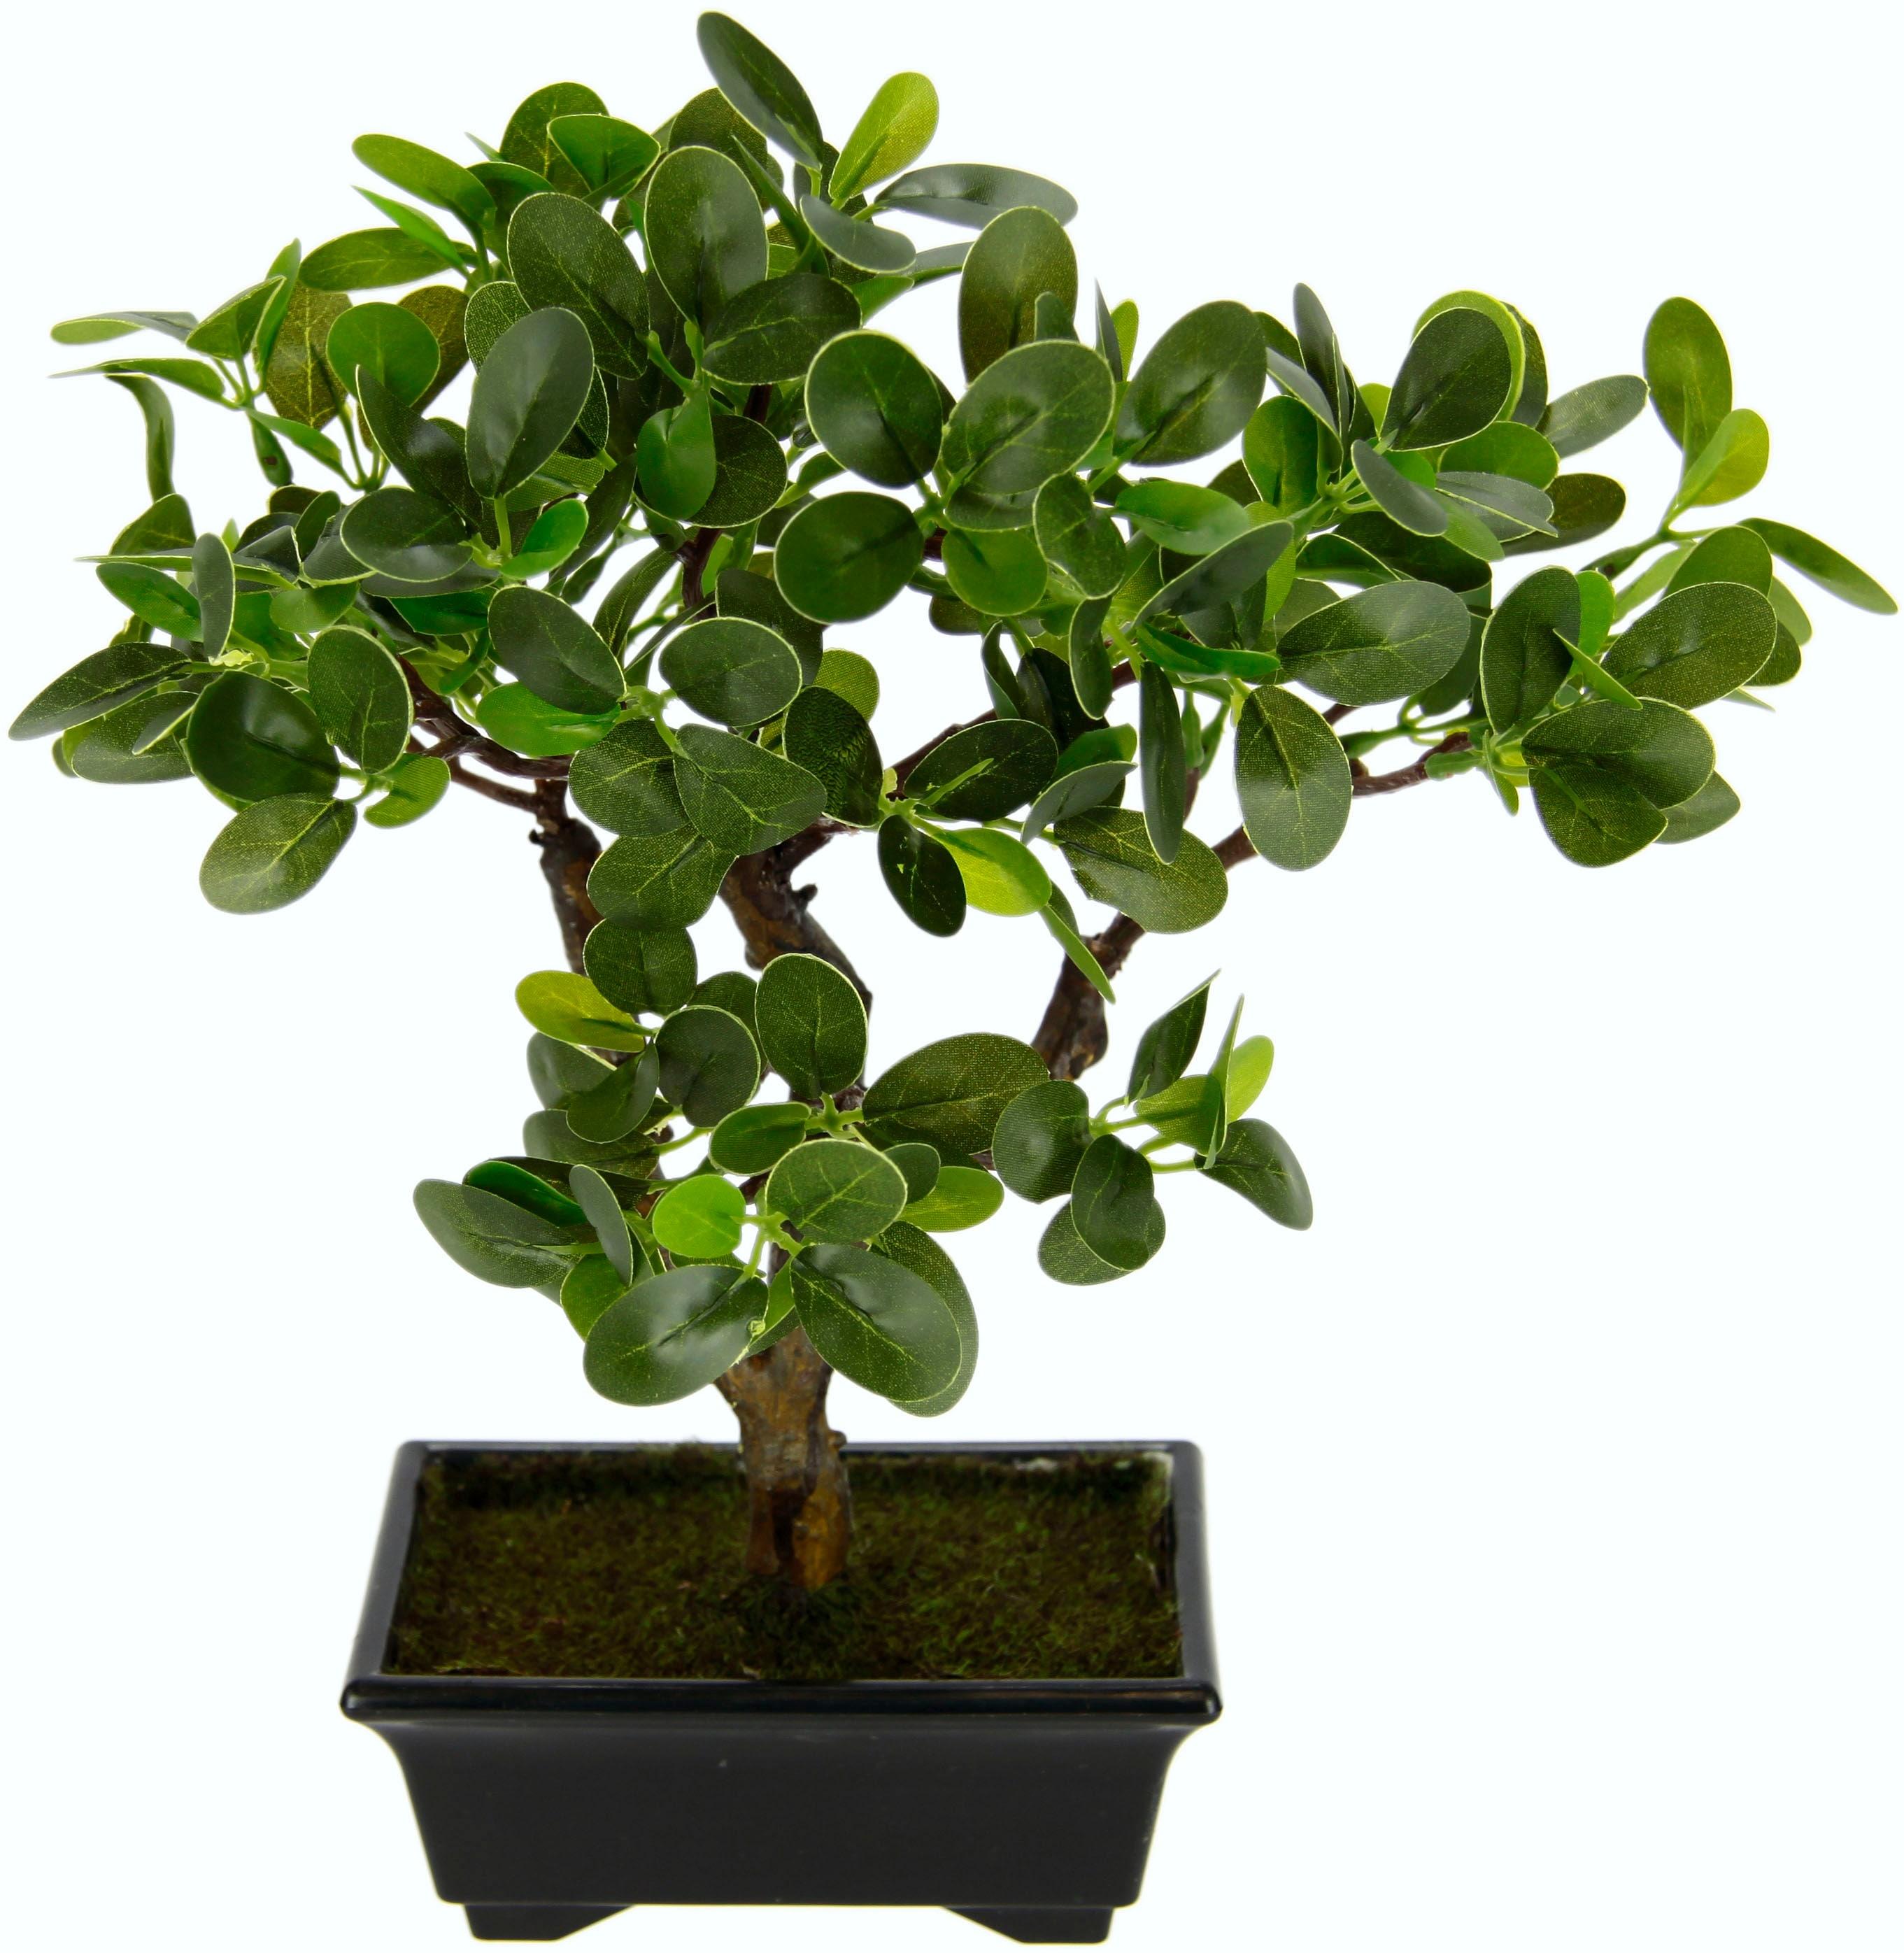 I.GE.A. Kunstbonsai Ginseng-Bonsai, in Bonsaischale aus Kunststoff grün Kunstpflanzen Pflanzen Garten Balkon